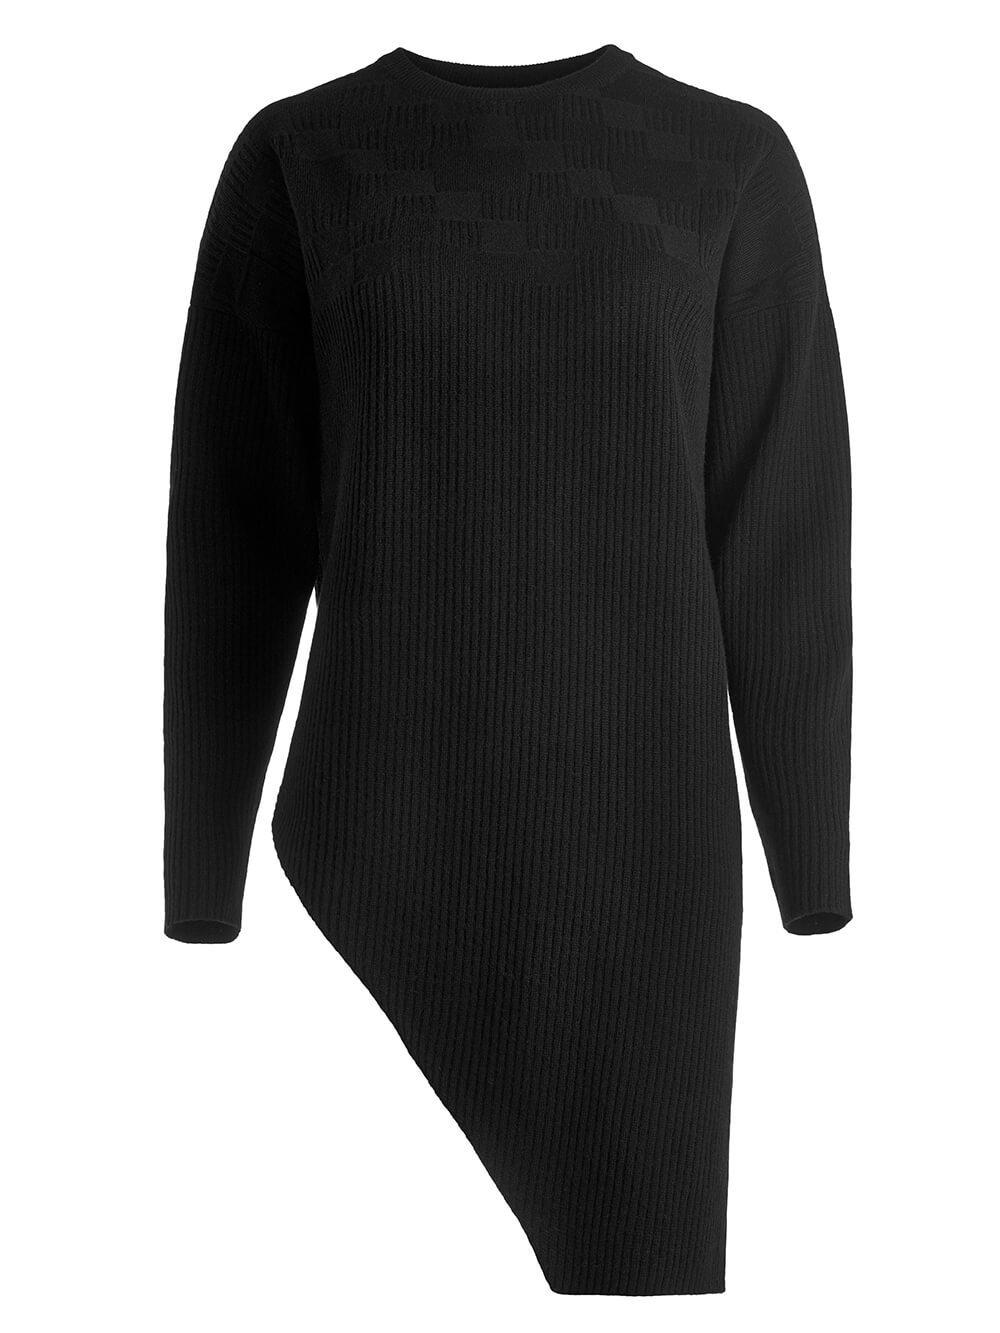 Женский джемпер черного цвета из шерсти и кашемира - фото 1